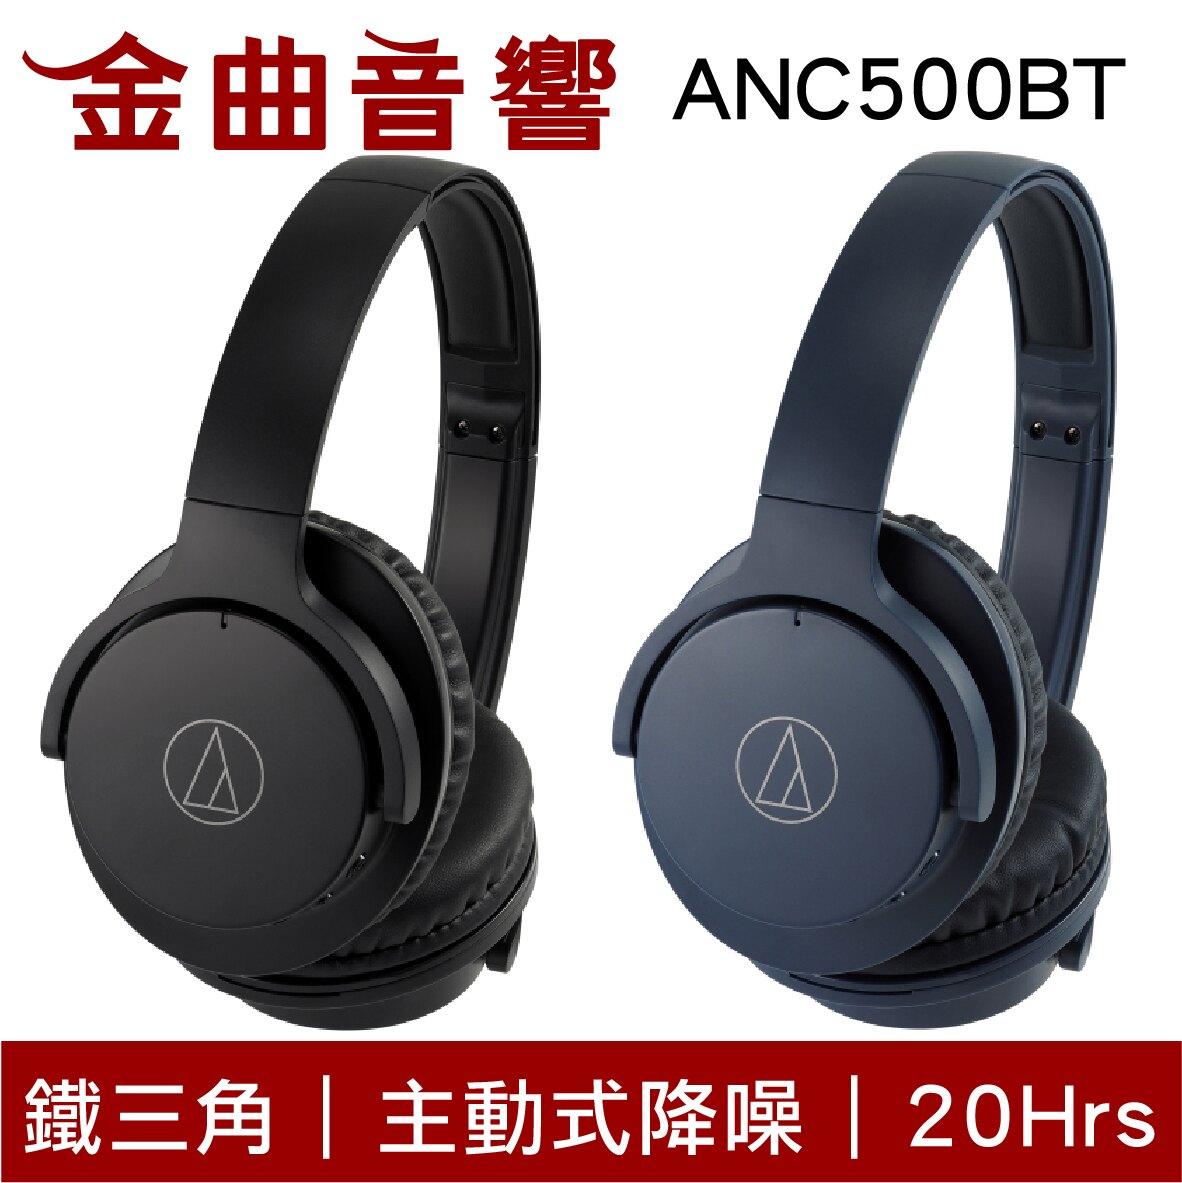 鐵三角 ATH-ANC500BT 黑色 藍牙 無線 抗噪 耳罩式 耳機   金曲音響